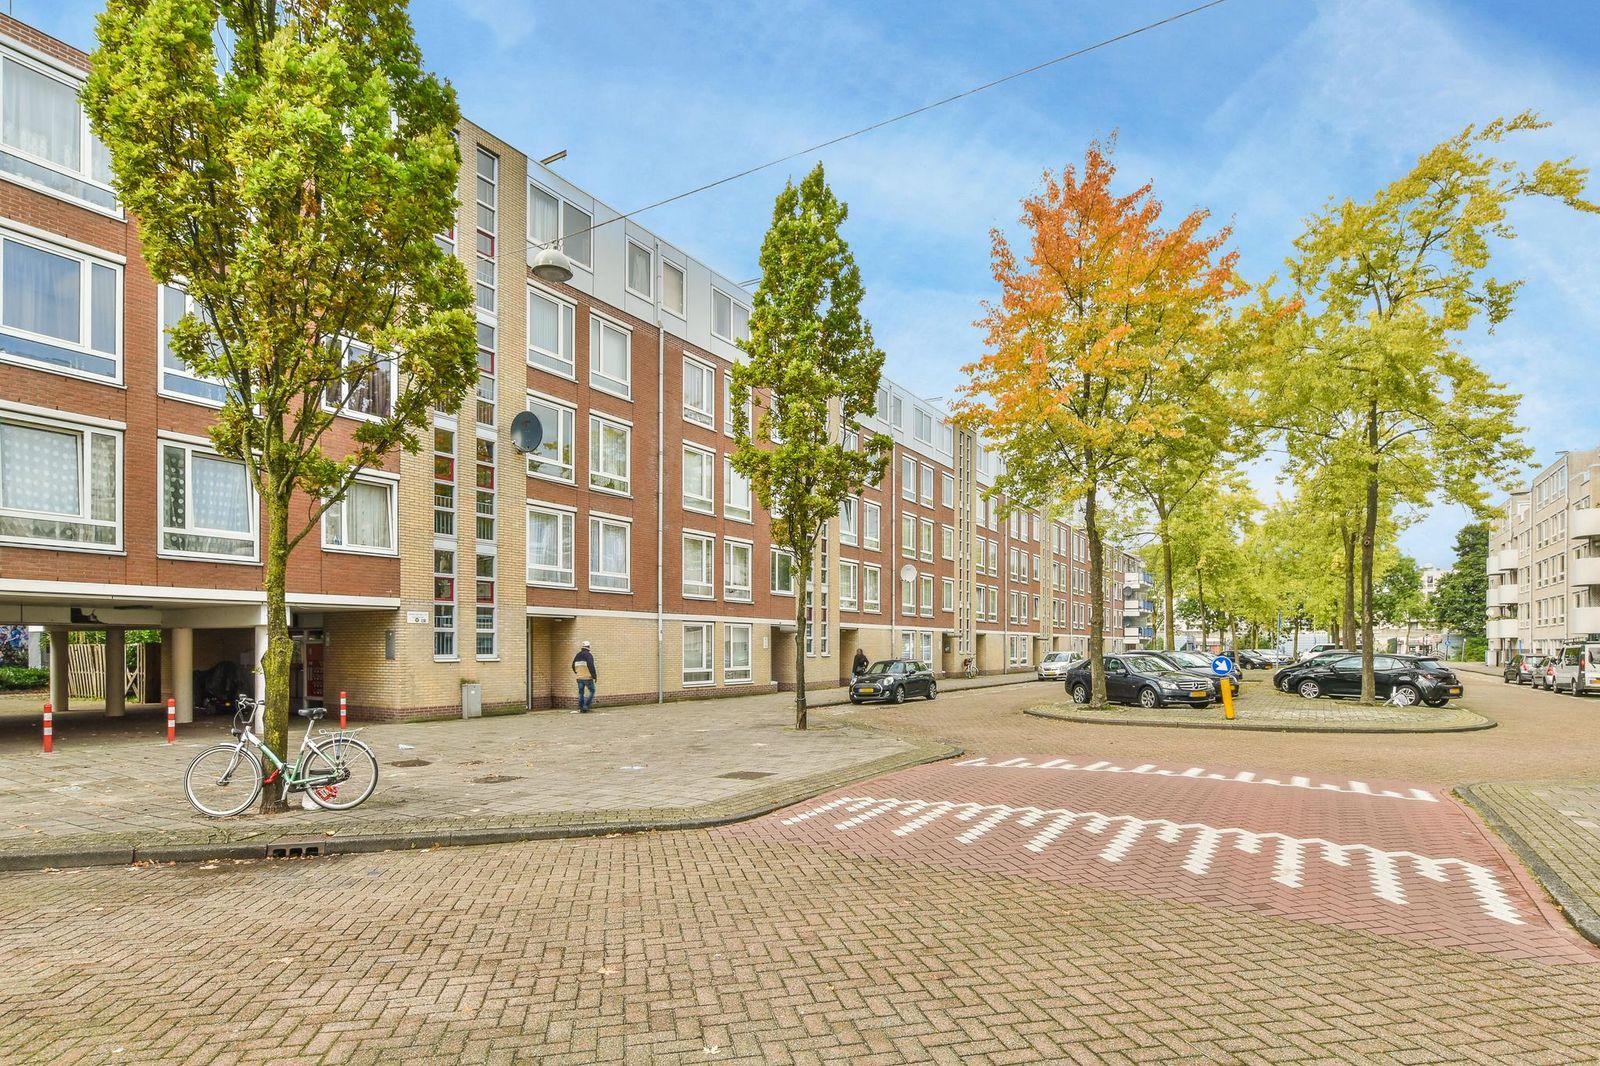 Barbusselaan 110, Amsterdam